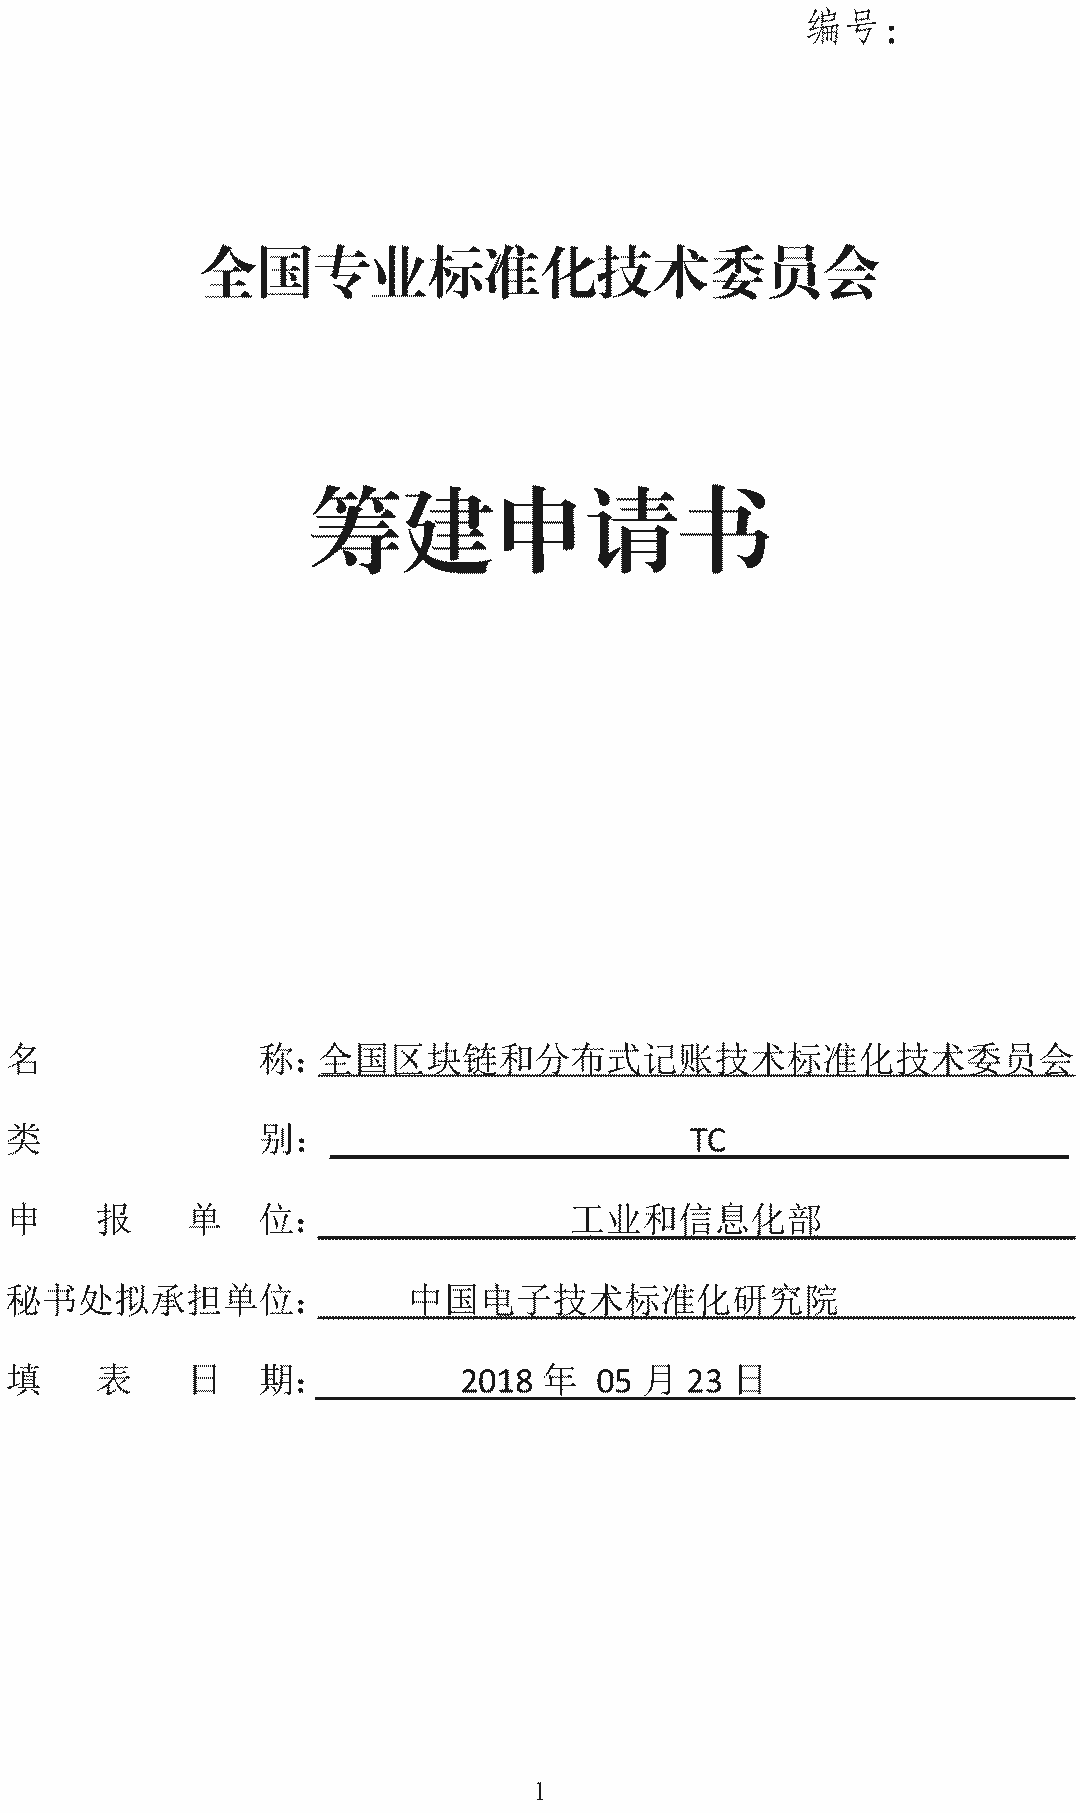 「全国区块链和分布式记账技术标准化技术委员会」筹建方案公示